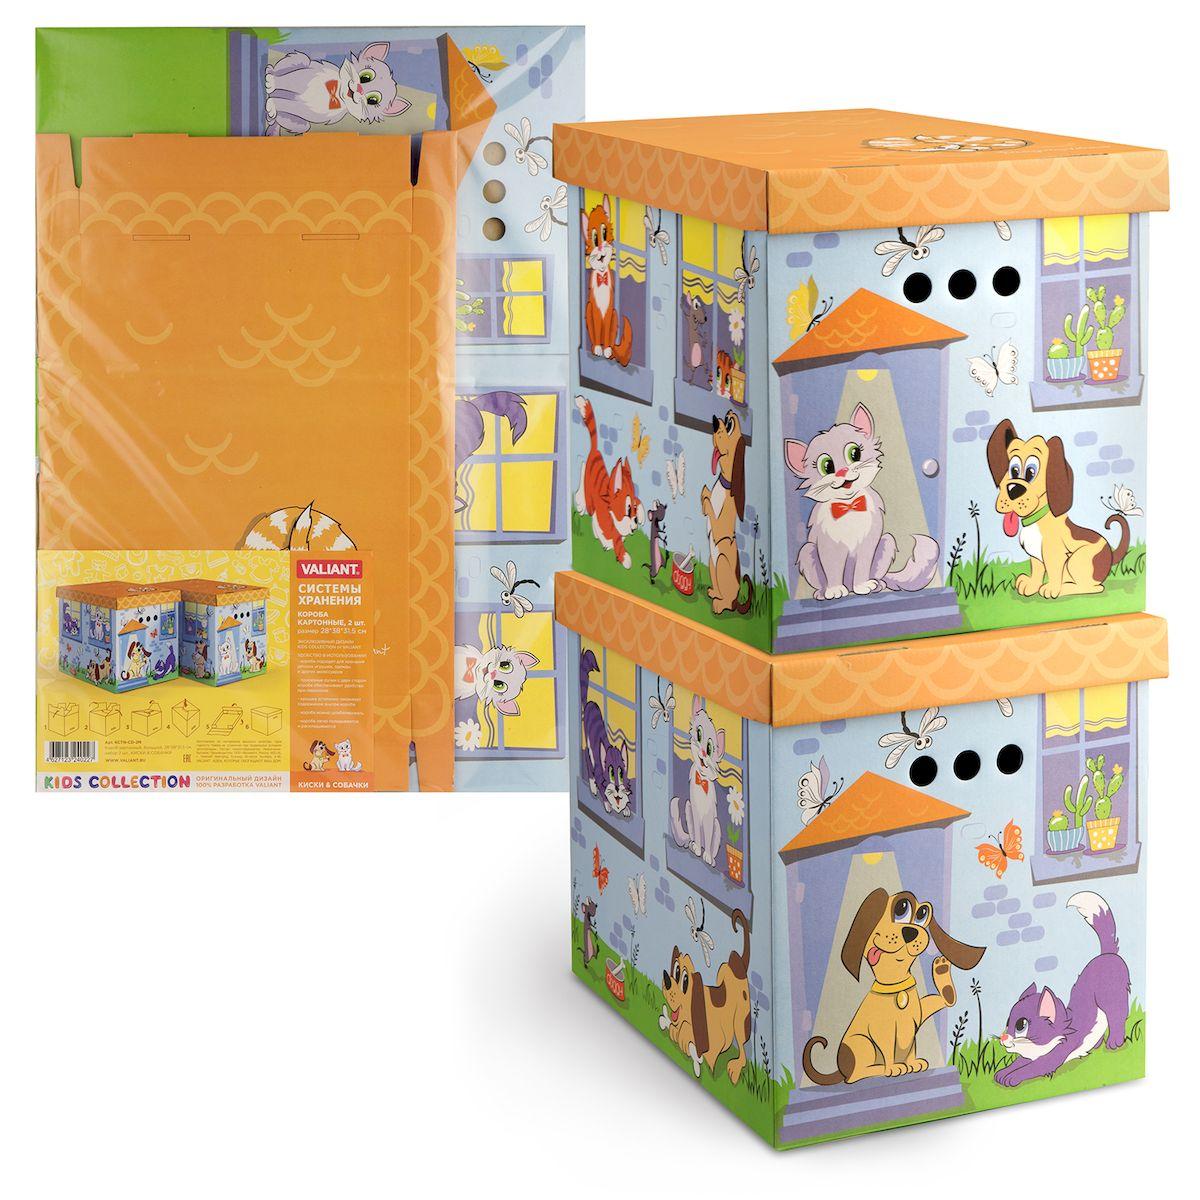 Короб для хранения Valiant Киски&Собачки, складной, 28 х 38 х 31,5 см, 2 штKCTN-CD-2MКороб для хранения Valiant Киски&Собачки изготовлен из картона. Изделие легко и быстро складывается. Оснащен крышкой и тремя отверстиями, которые позволяют удобно его выдвигать. Такой короб прекрасно подойдет для хранения бытовых мелочей, аксессуаров для рукоделия и других мелких предметов. С ним все мелкие вещи будут храниться аккуратно и не потеряются. Размер изделия (в собранном виде): 28 х 38 х 31,5 см.